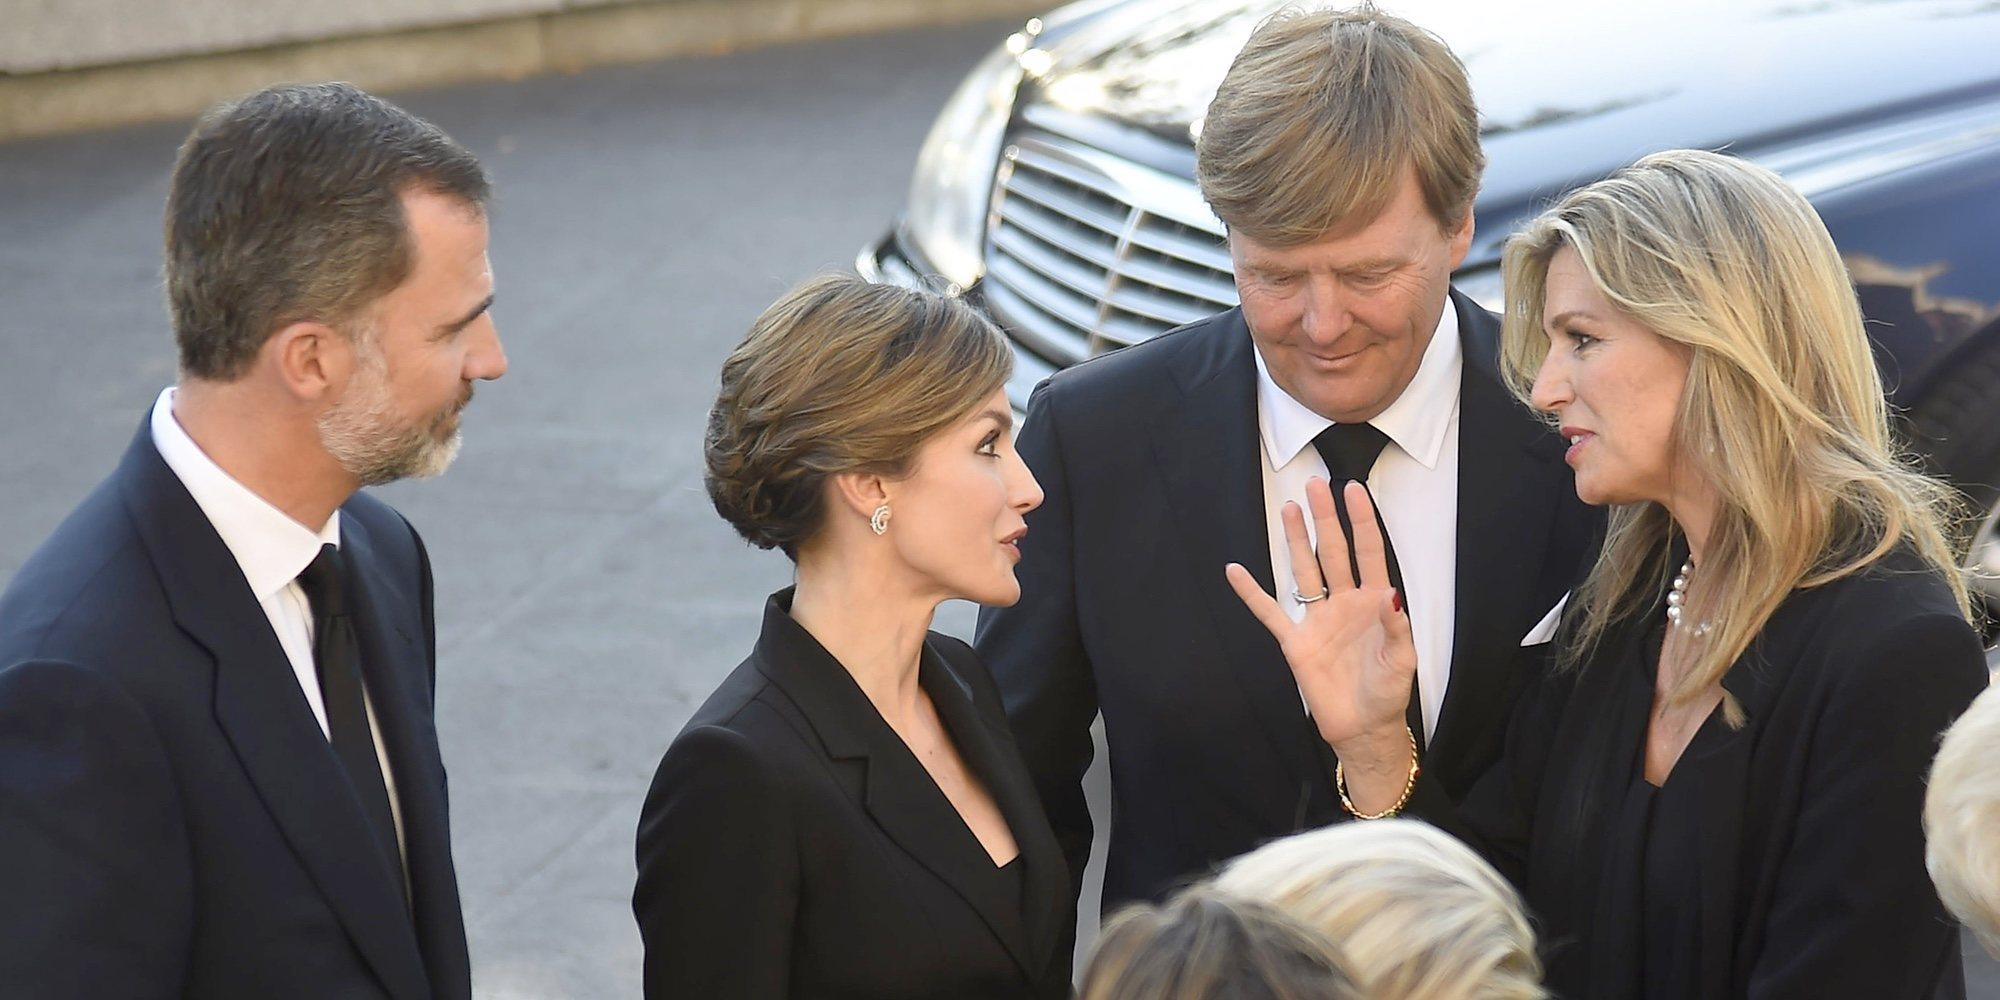 Los Reyes Felipe y Letizia se reencontrarán con Guillermo Alejandro y Máxima de Holanda y otros royals en Auschwitz